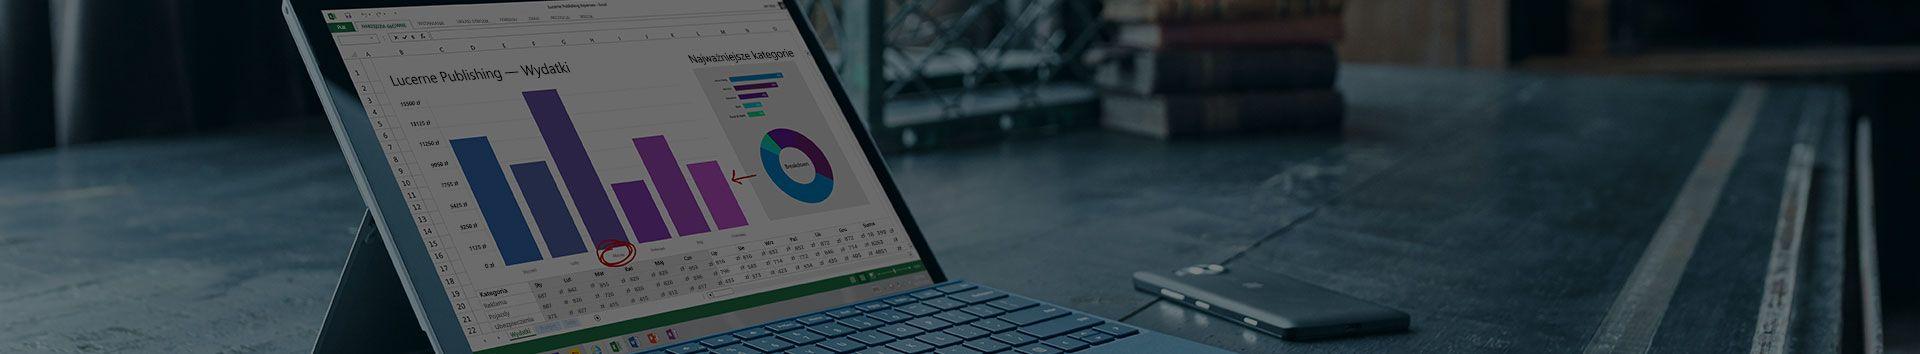 Tablet Microsoft Surface z wyświetlonym raportem wydatków w programie Microsoft Excel